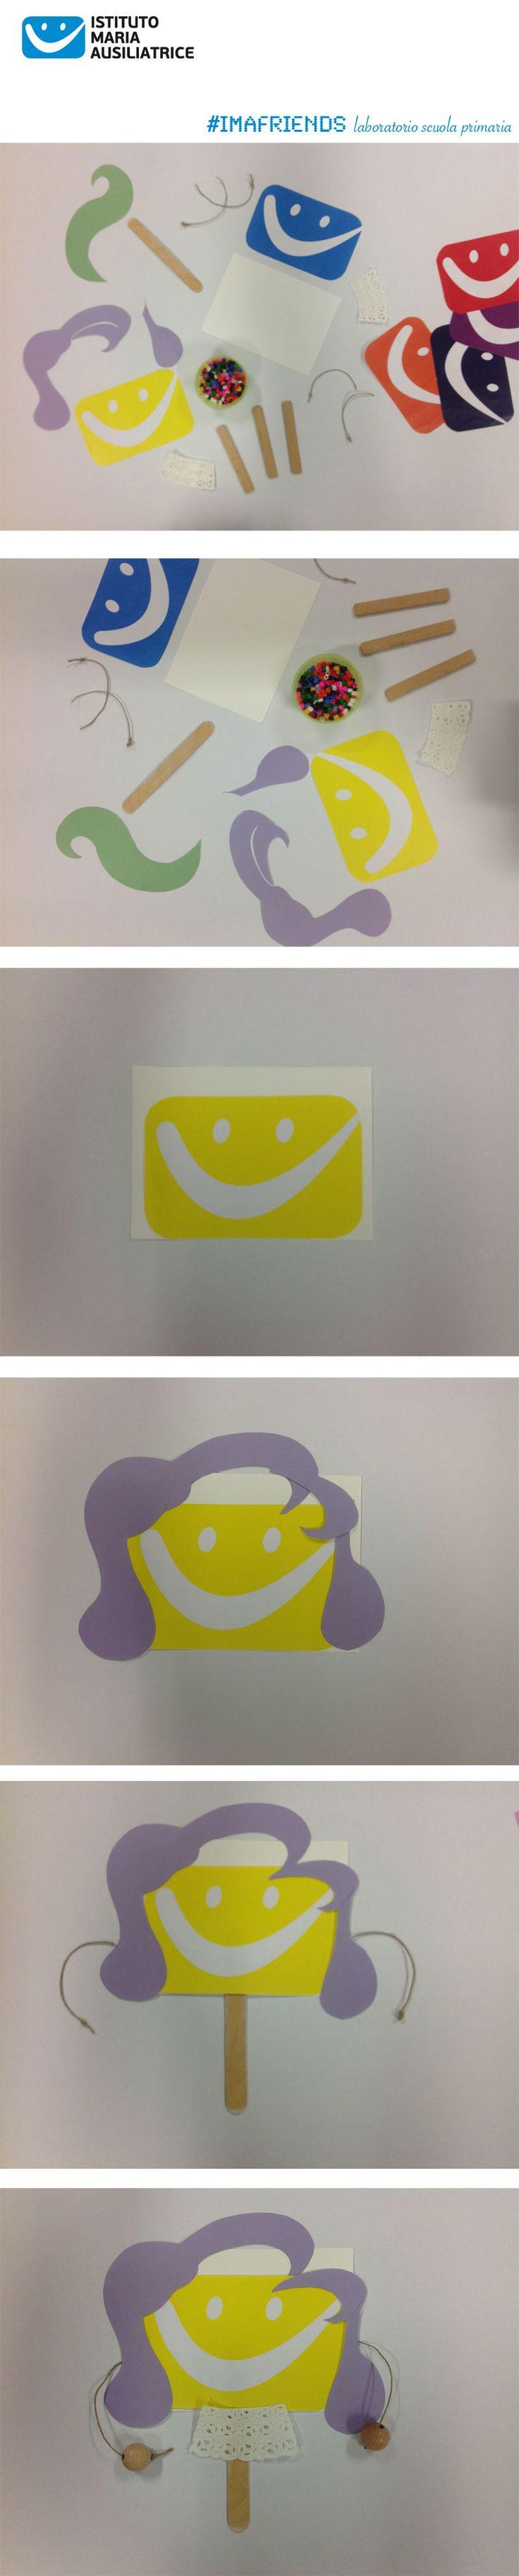 Laboratorio creativo scuola primaria